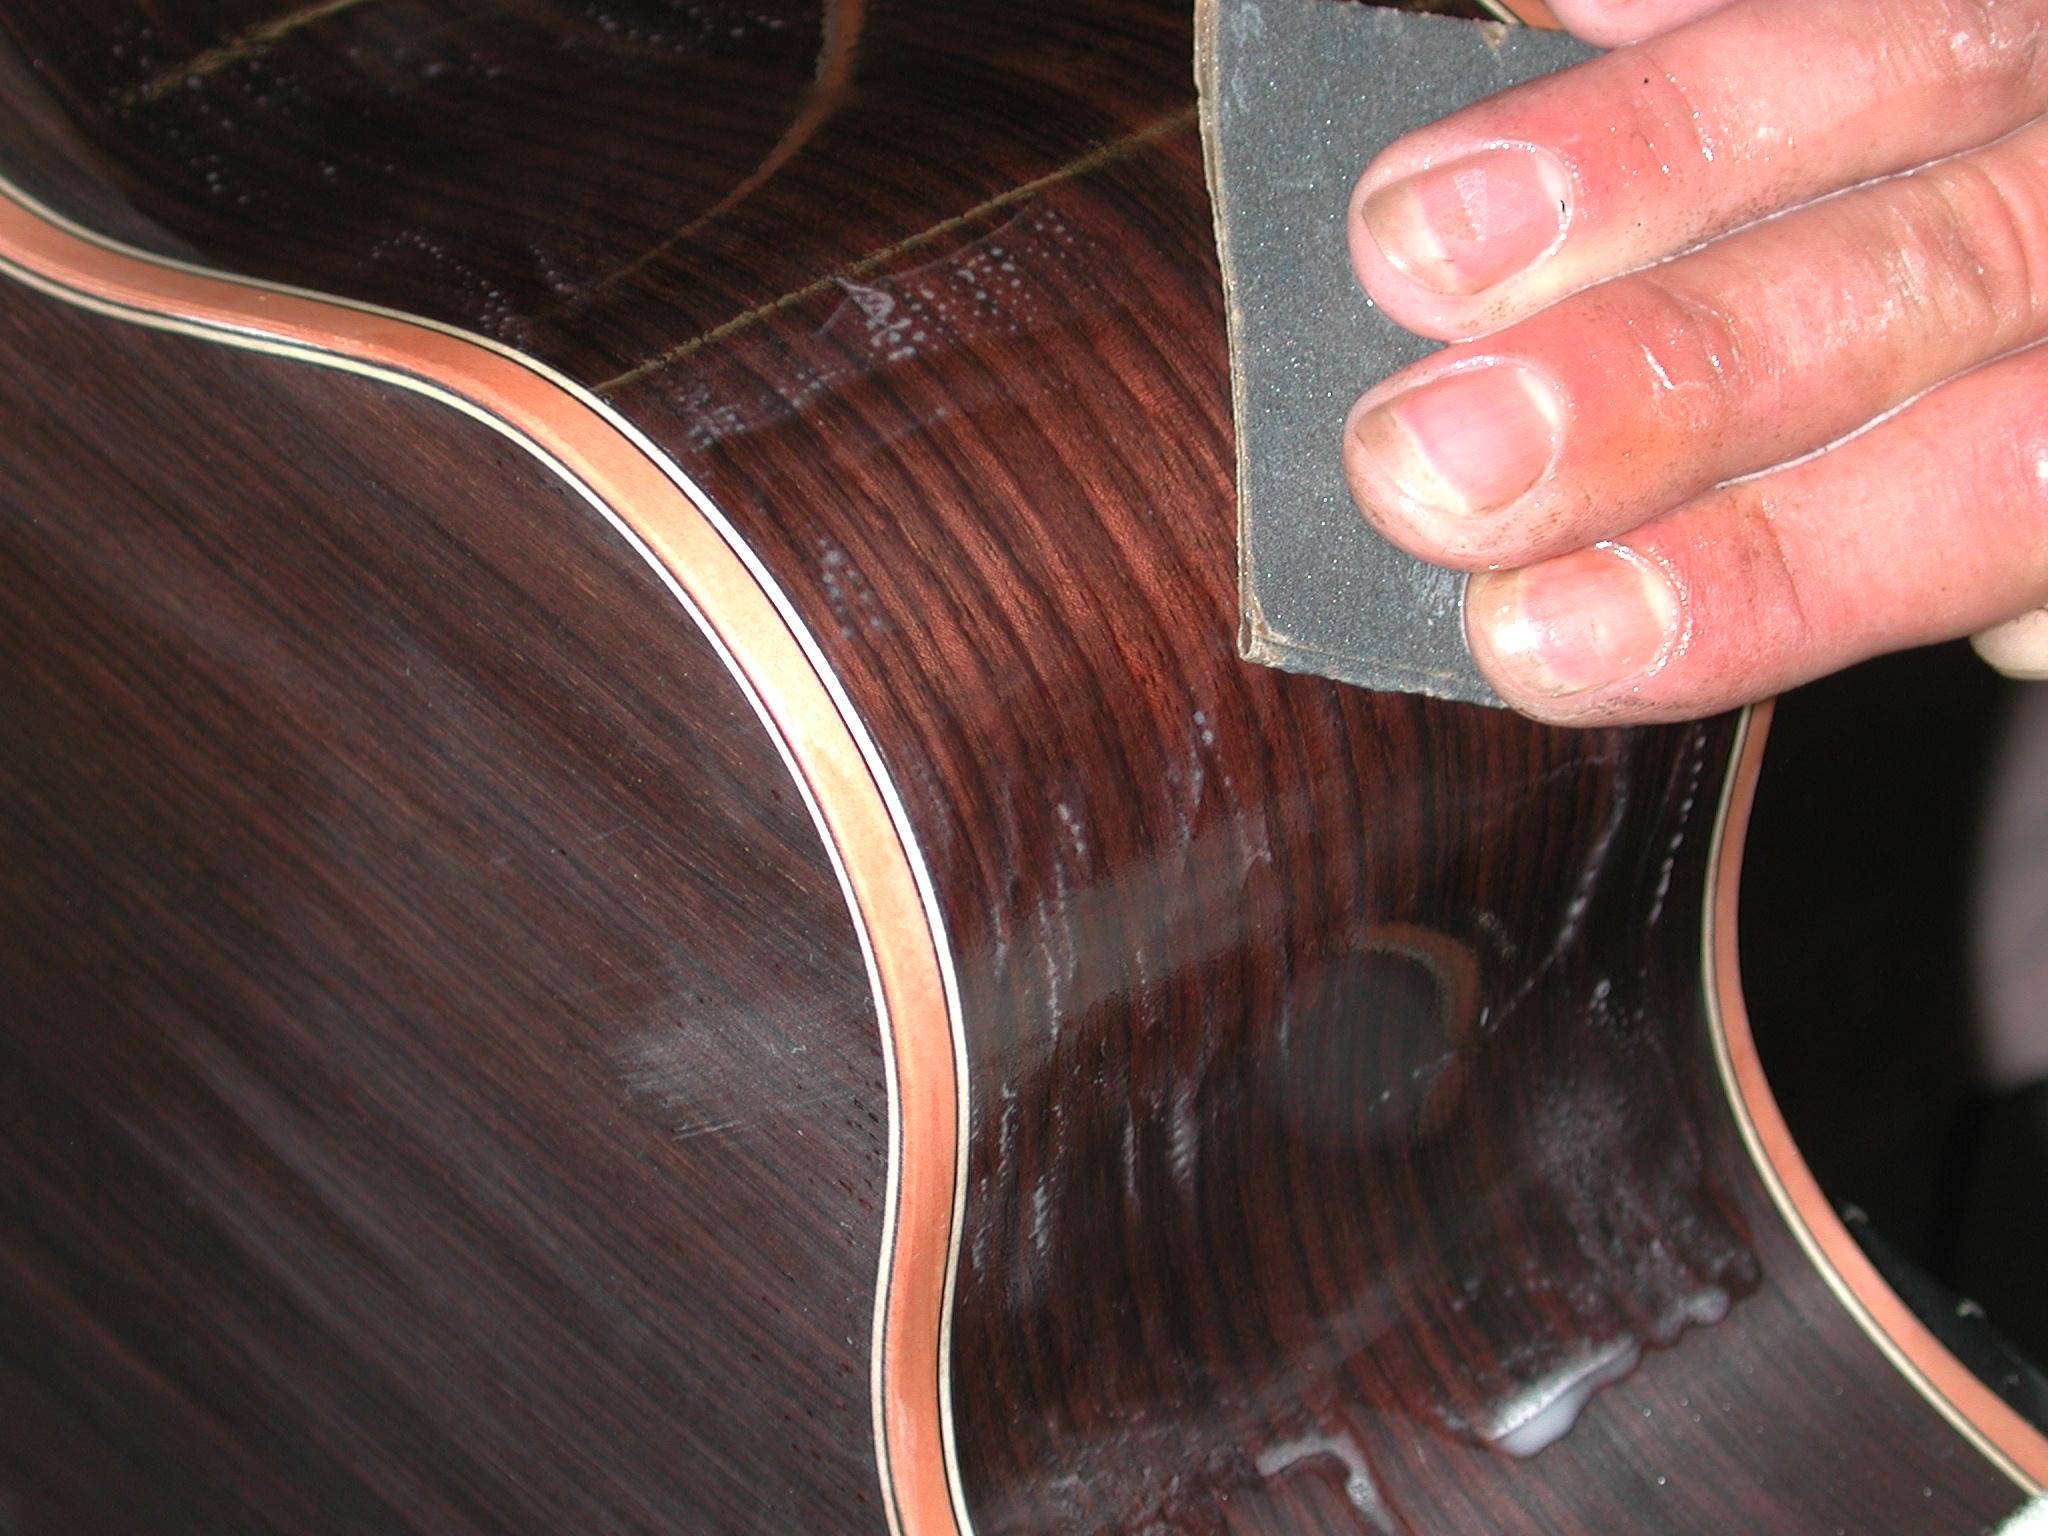 Lackieren: Jede Lackschicht, die aufgetragen wird (insgesamt 10 Schichten), wird nach dem Trocknen geschliffen.